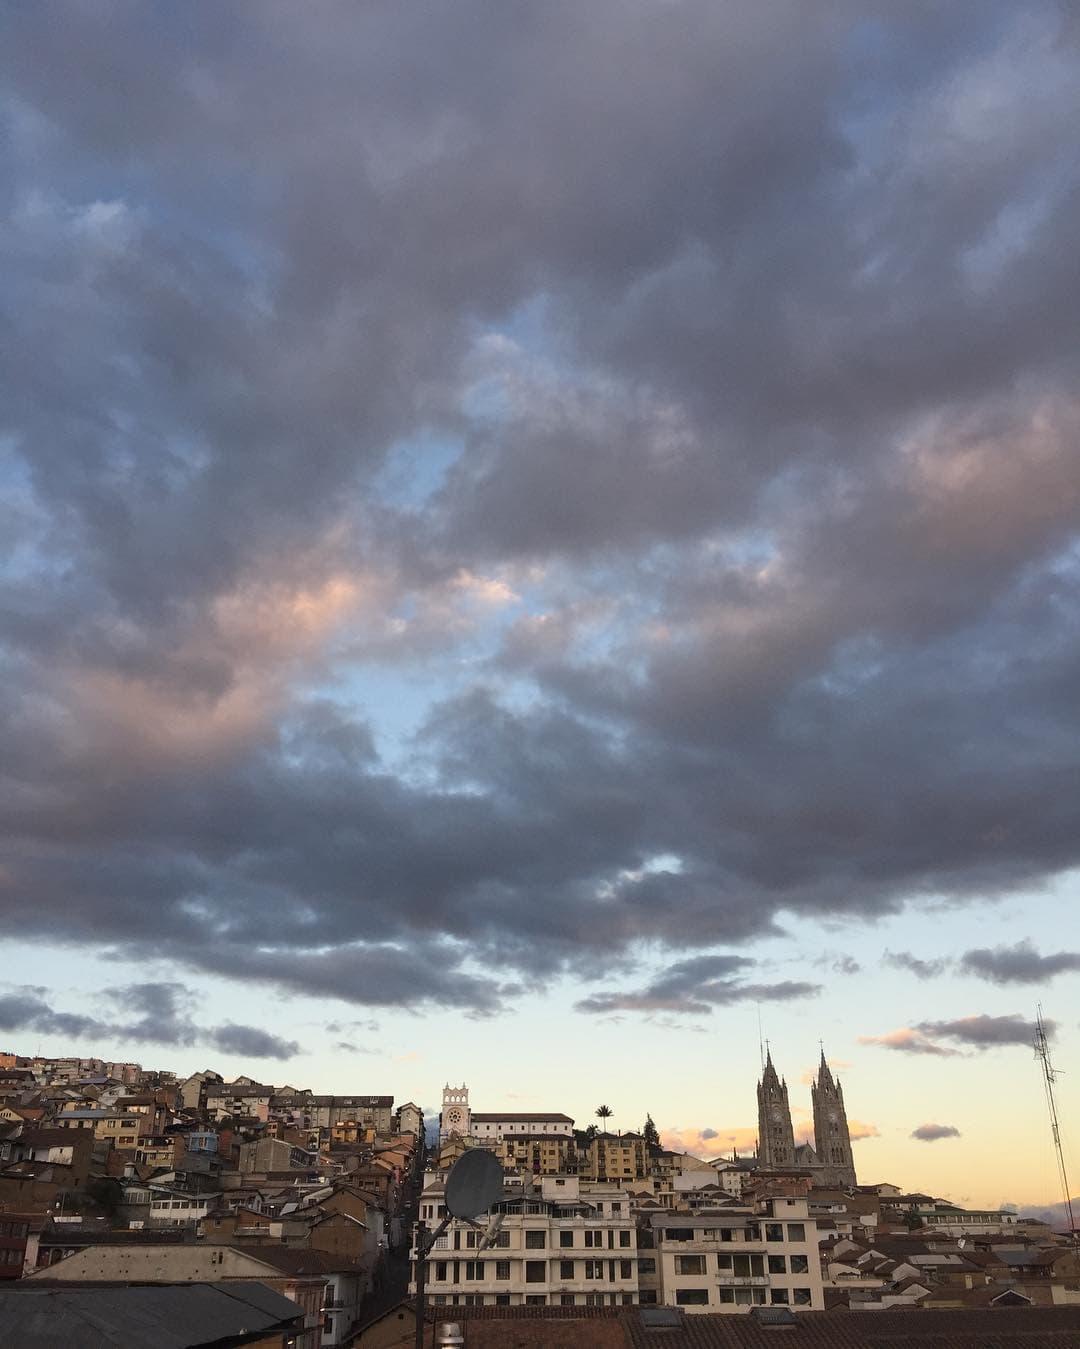 @marie.worldwild sendet Bergegrüße aus Ecuador. Bereits in der Hauptstadt Quito ist die Luft ganz schön dünn – die Stadt liegt auf über 2800 Metern! @design_hotels #passionpassort #traveldeeper #ecuador #southamerica #comewithme #travelwithme #quito #andes #bergeliebe #sunset #niceview